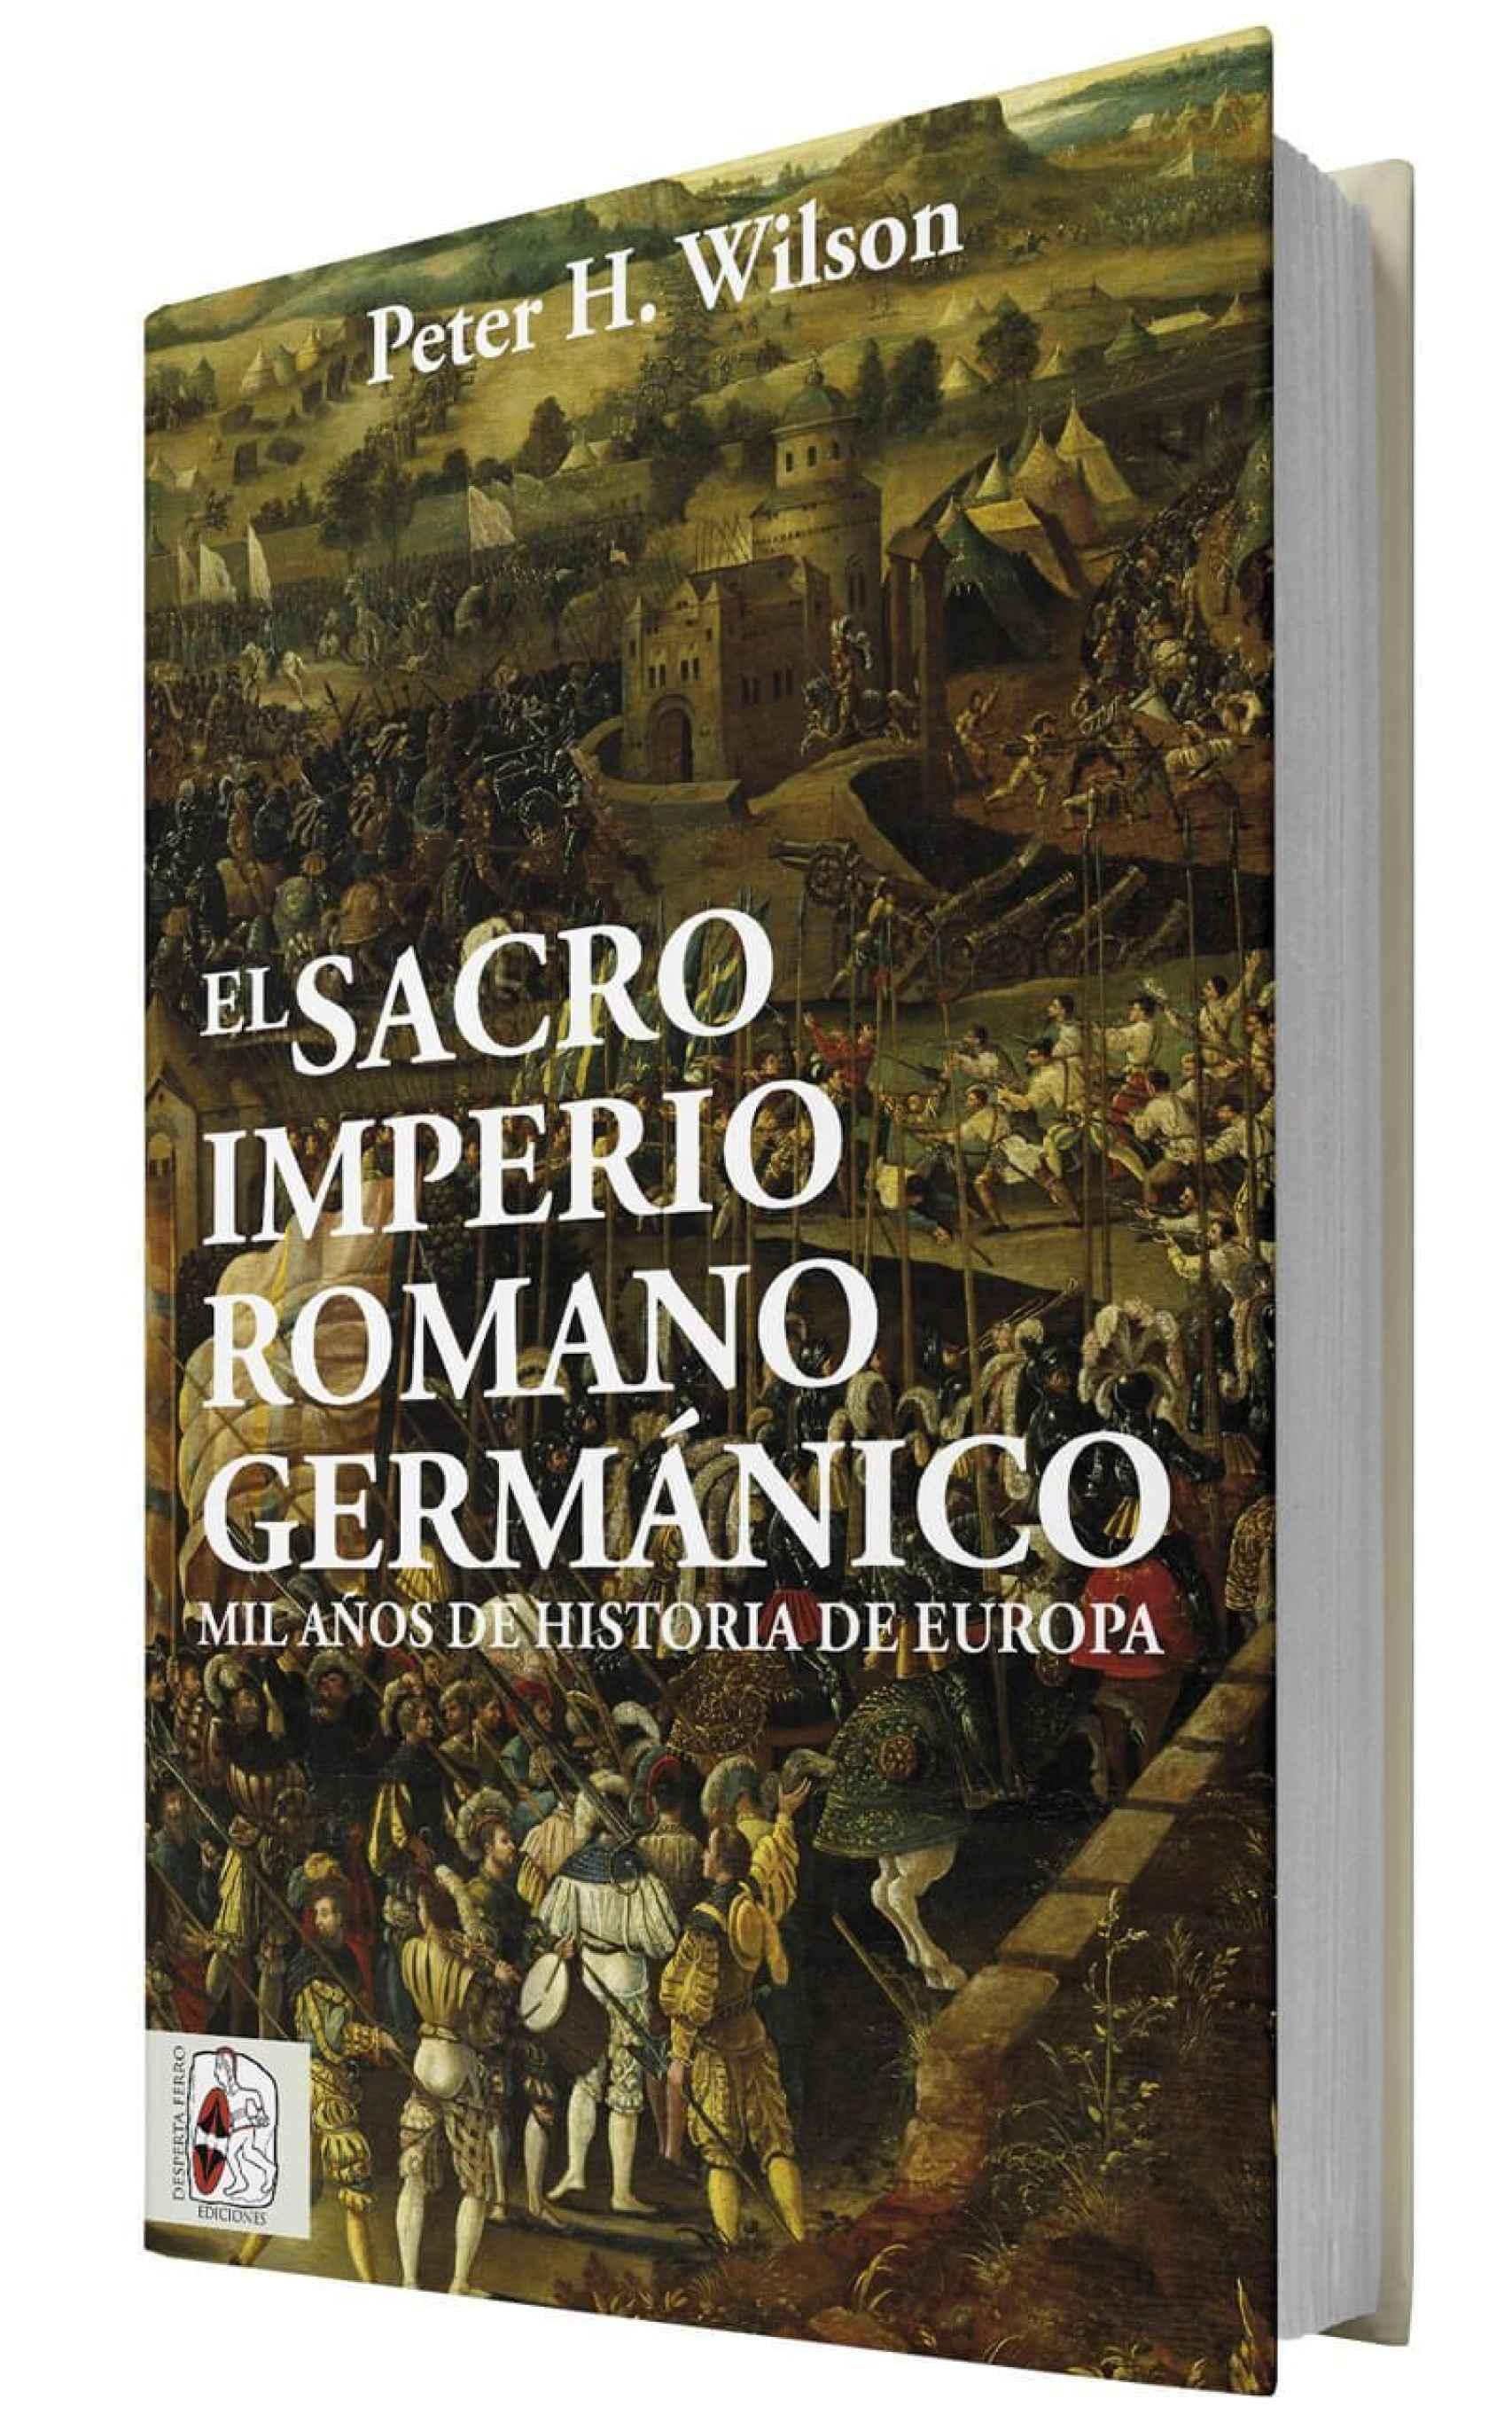 Portada de 'El Sacro Imperio Romano Germánico'.